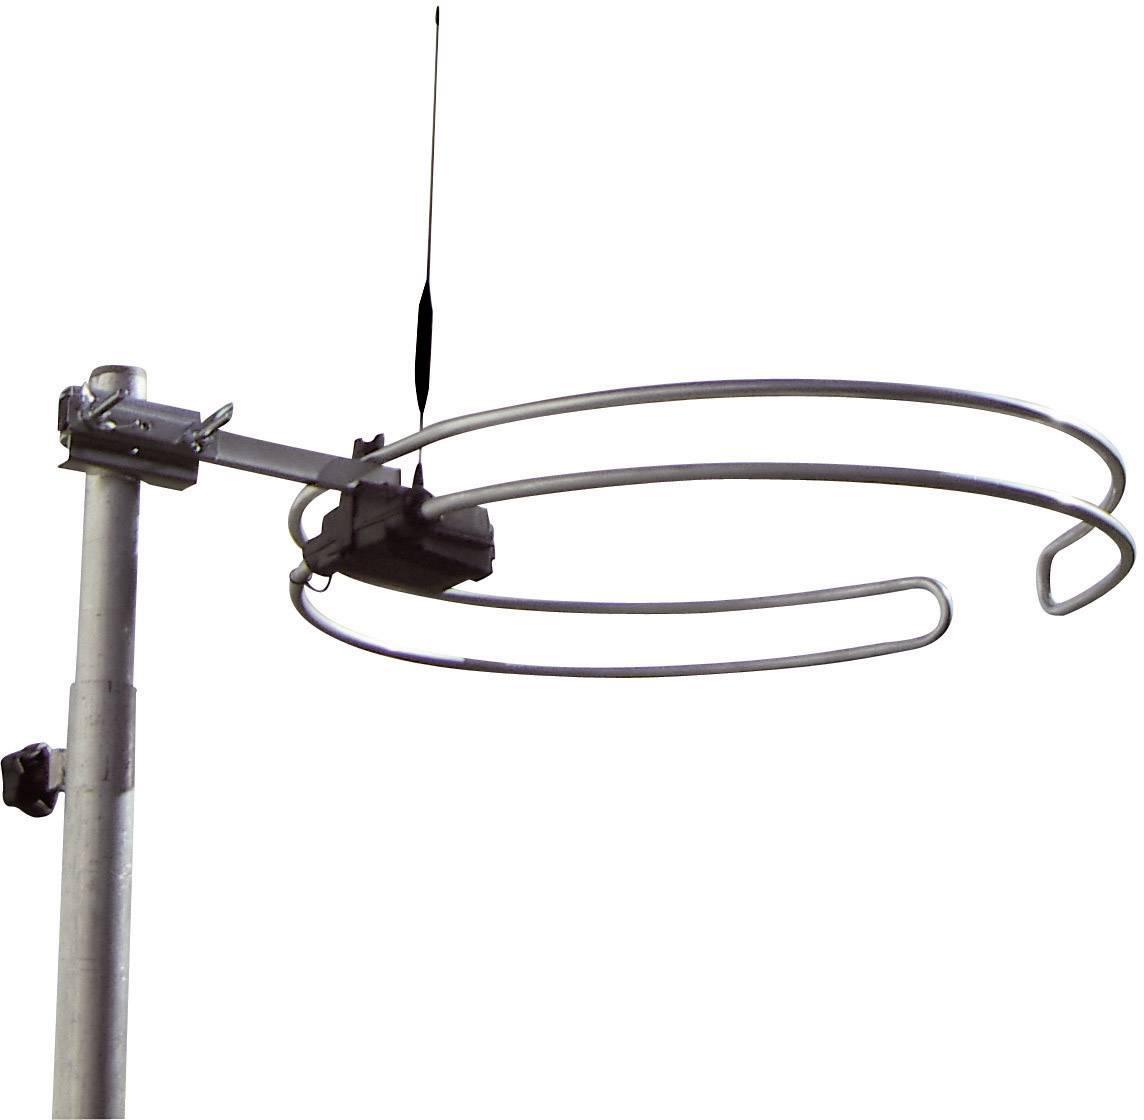 Pasívna strešná DVB-T / T2 anténa Wittenberg Antennen Multiband WB 2345-2, vonkajšia, strieborná